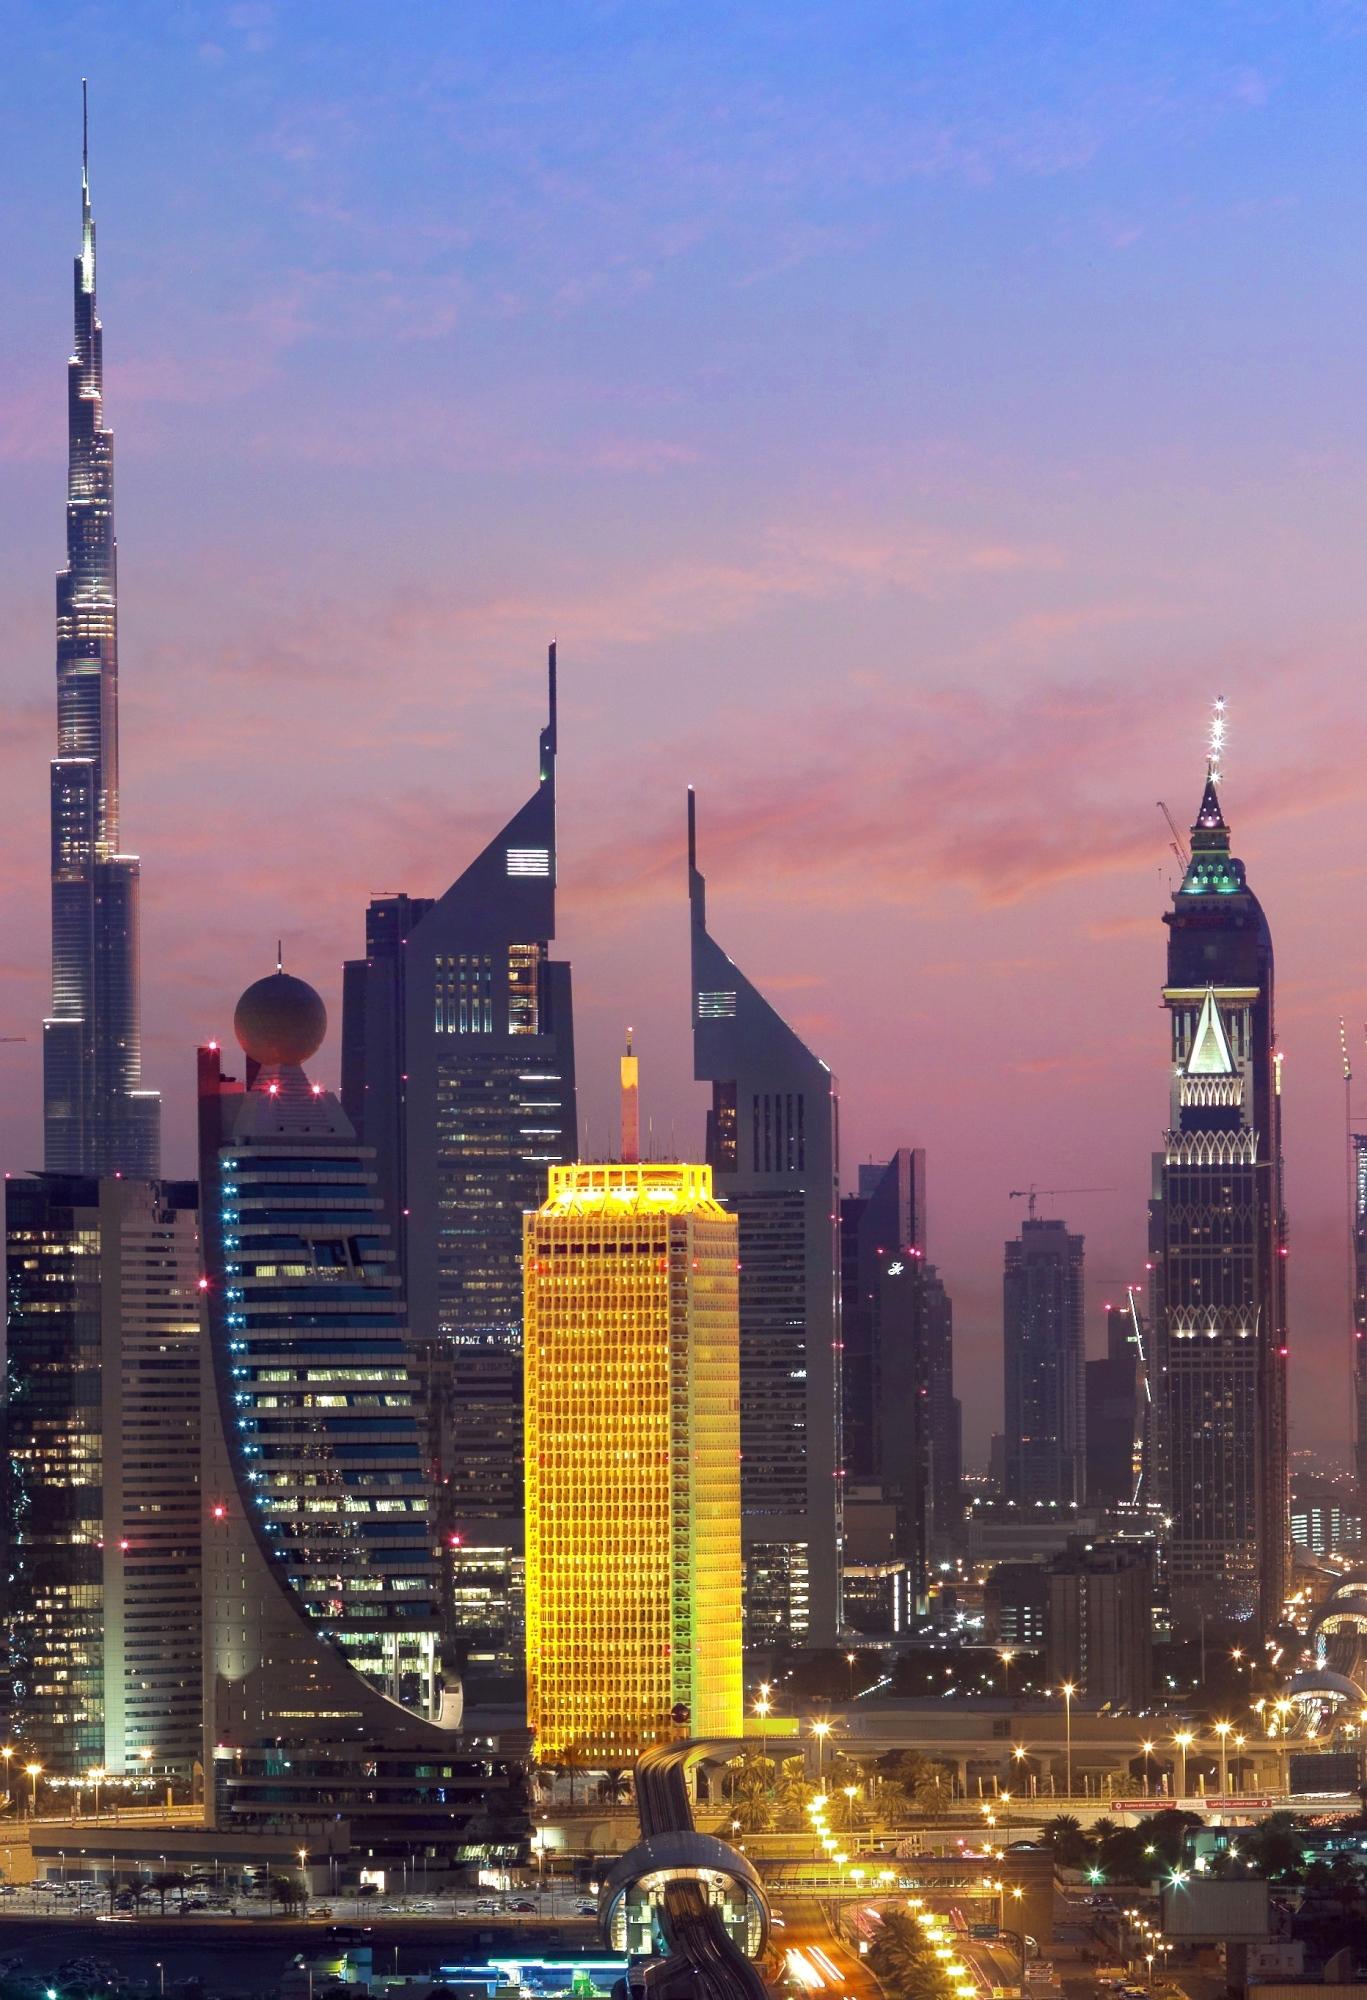 أهم فعاليات مركز دبي التجاري العالمي لشهر نوفمبر 2017